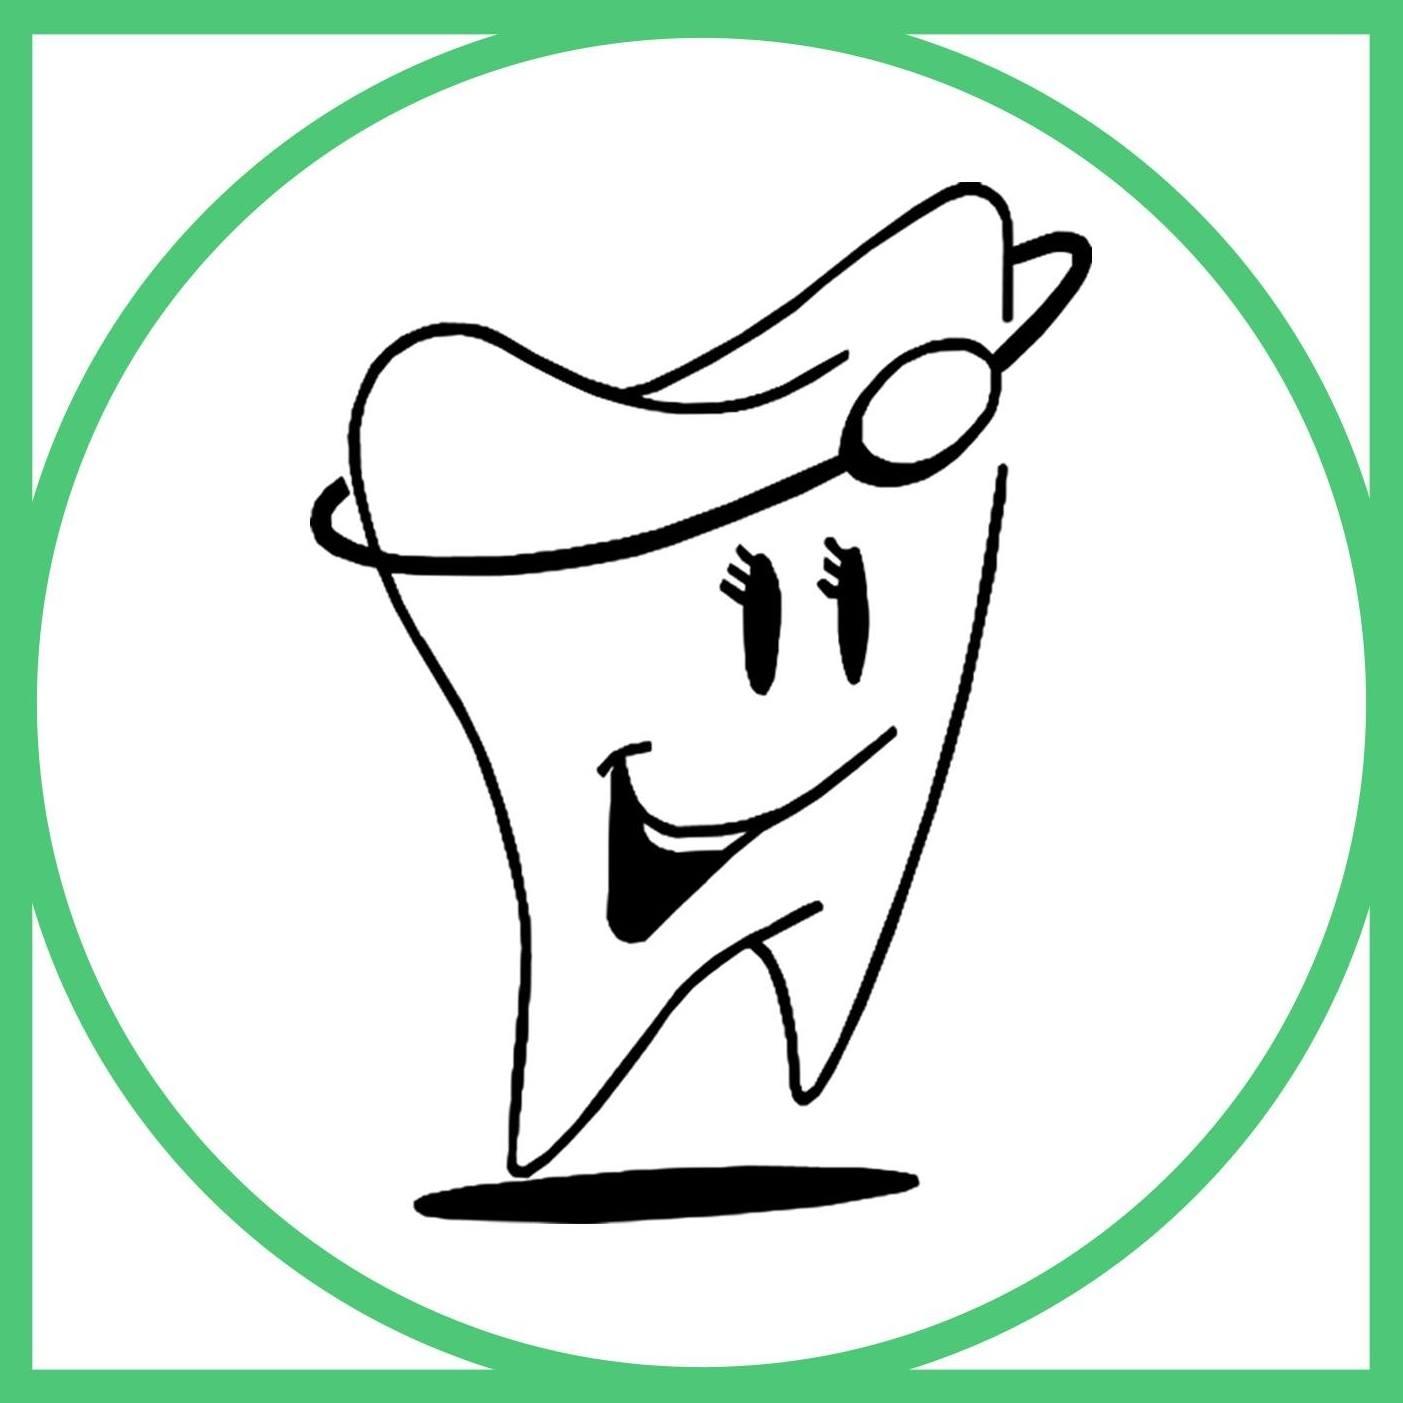 จัด ฟัน ประชาอุทิศ